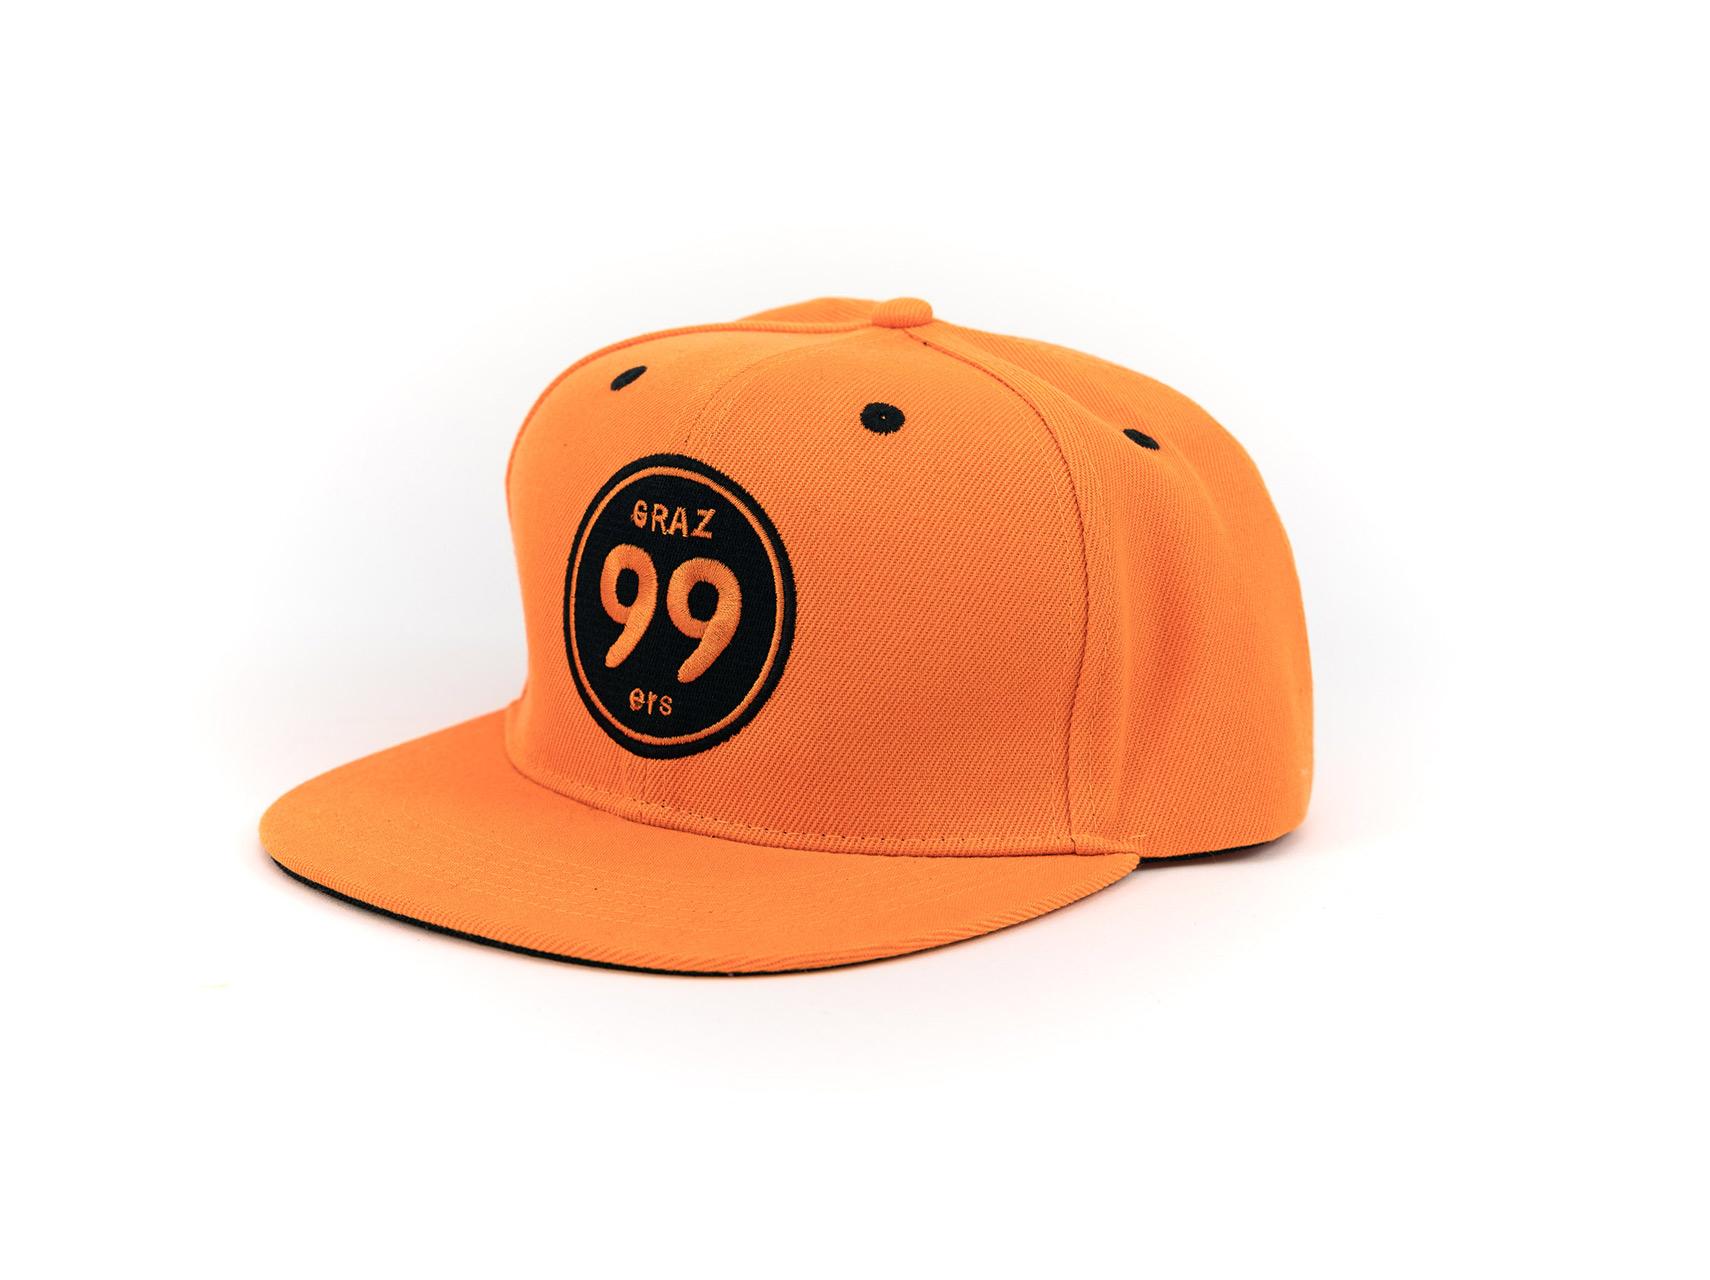 Kappe orange - Moser Medical Graz99ers